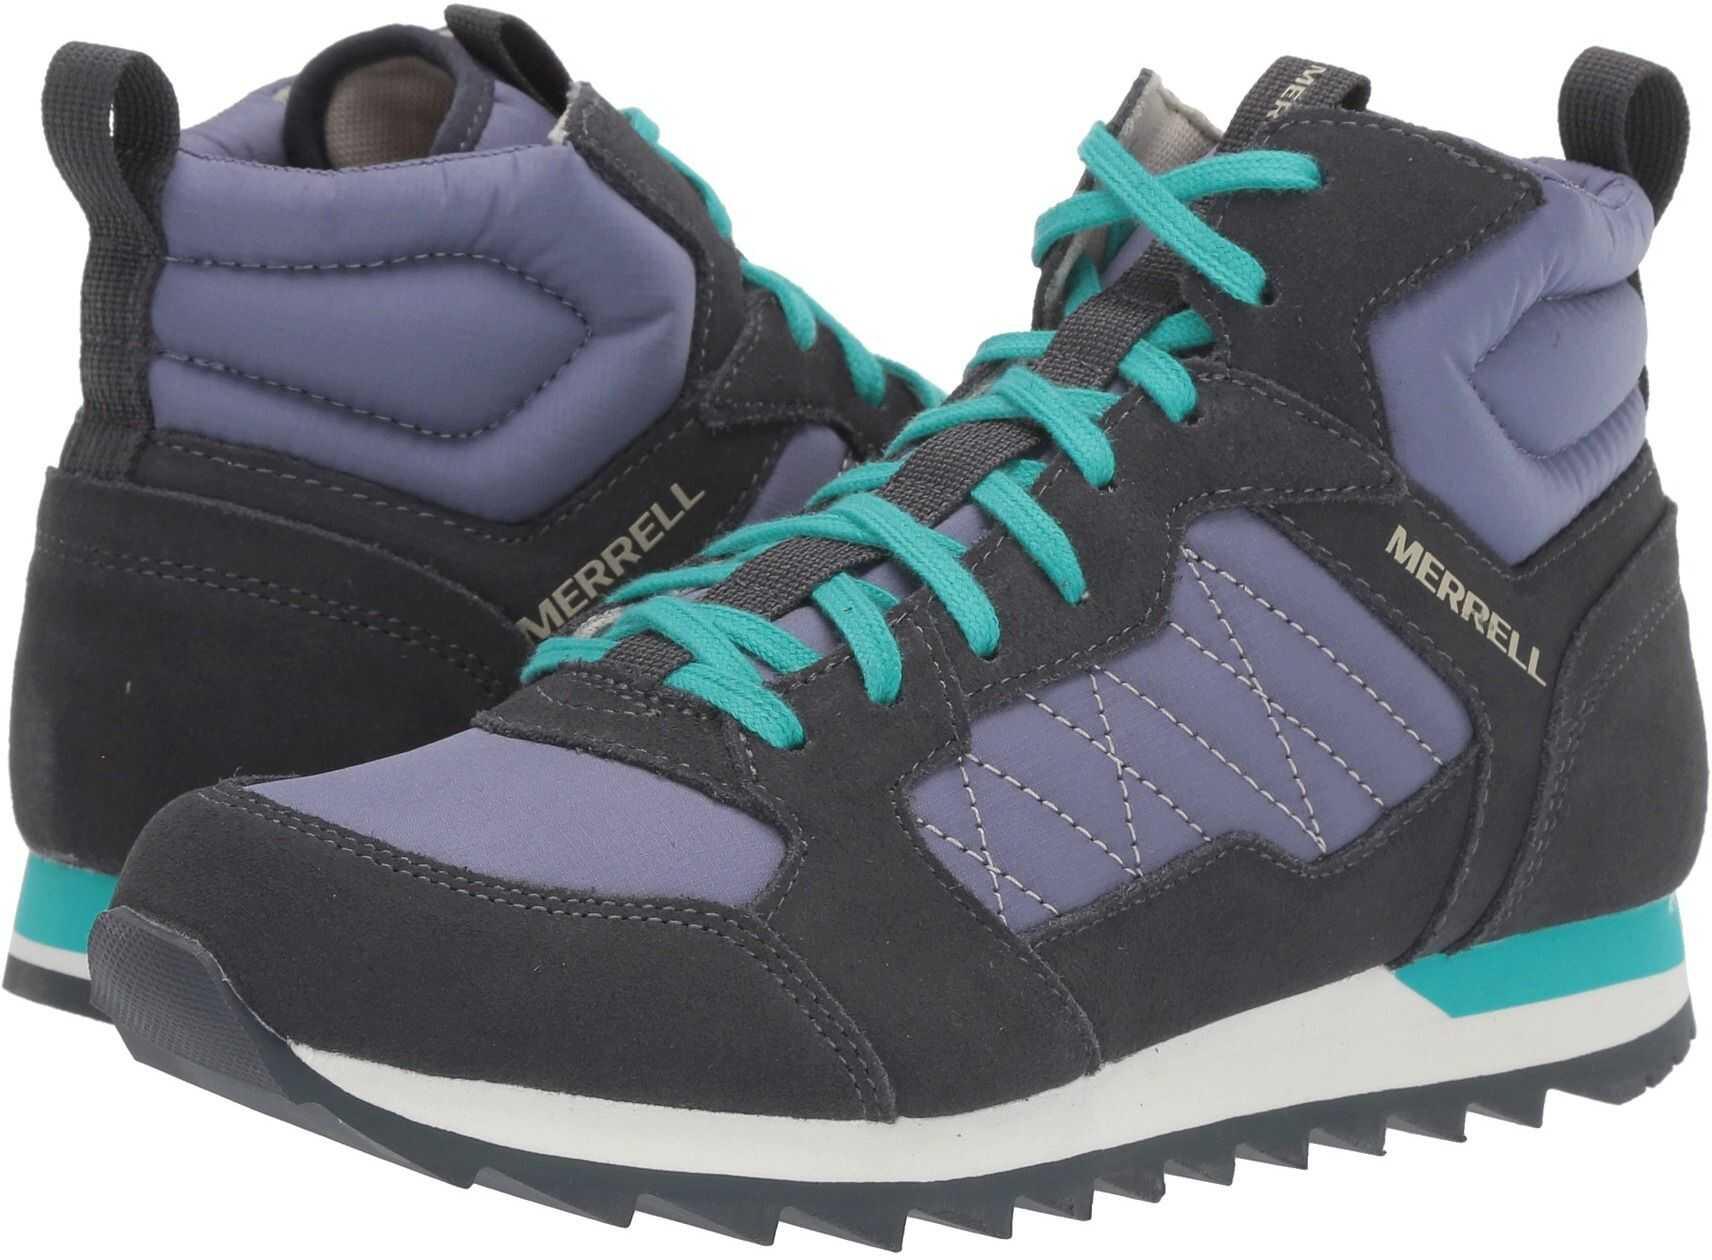 Merrell Alpine Sneaker Mid Velvet/Ebony